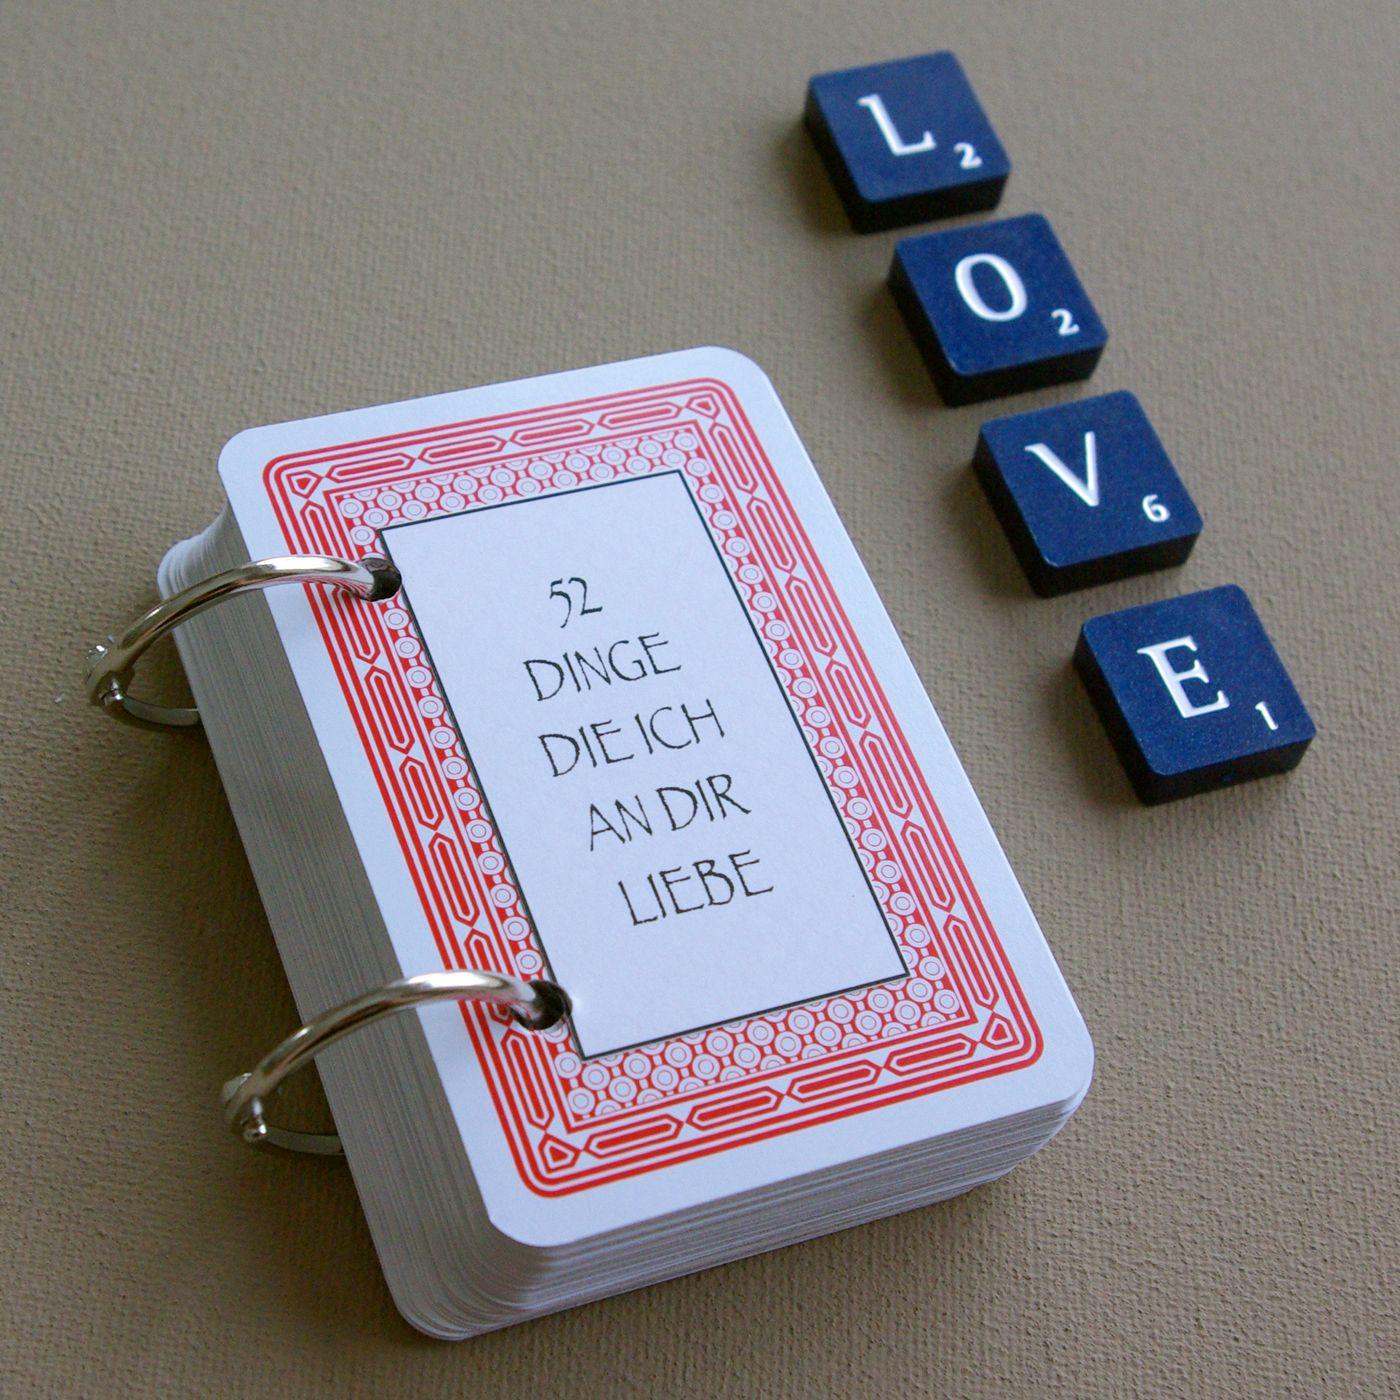 52 Dinge Die Ich An Dir Liebe Karten Kartenspiel Valentinstag